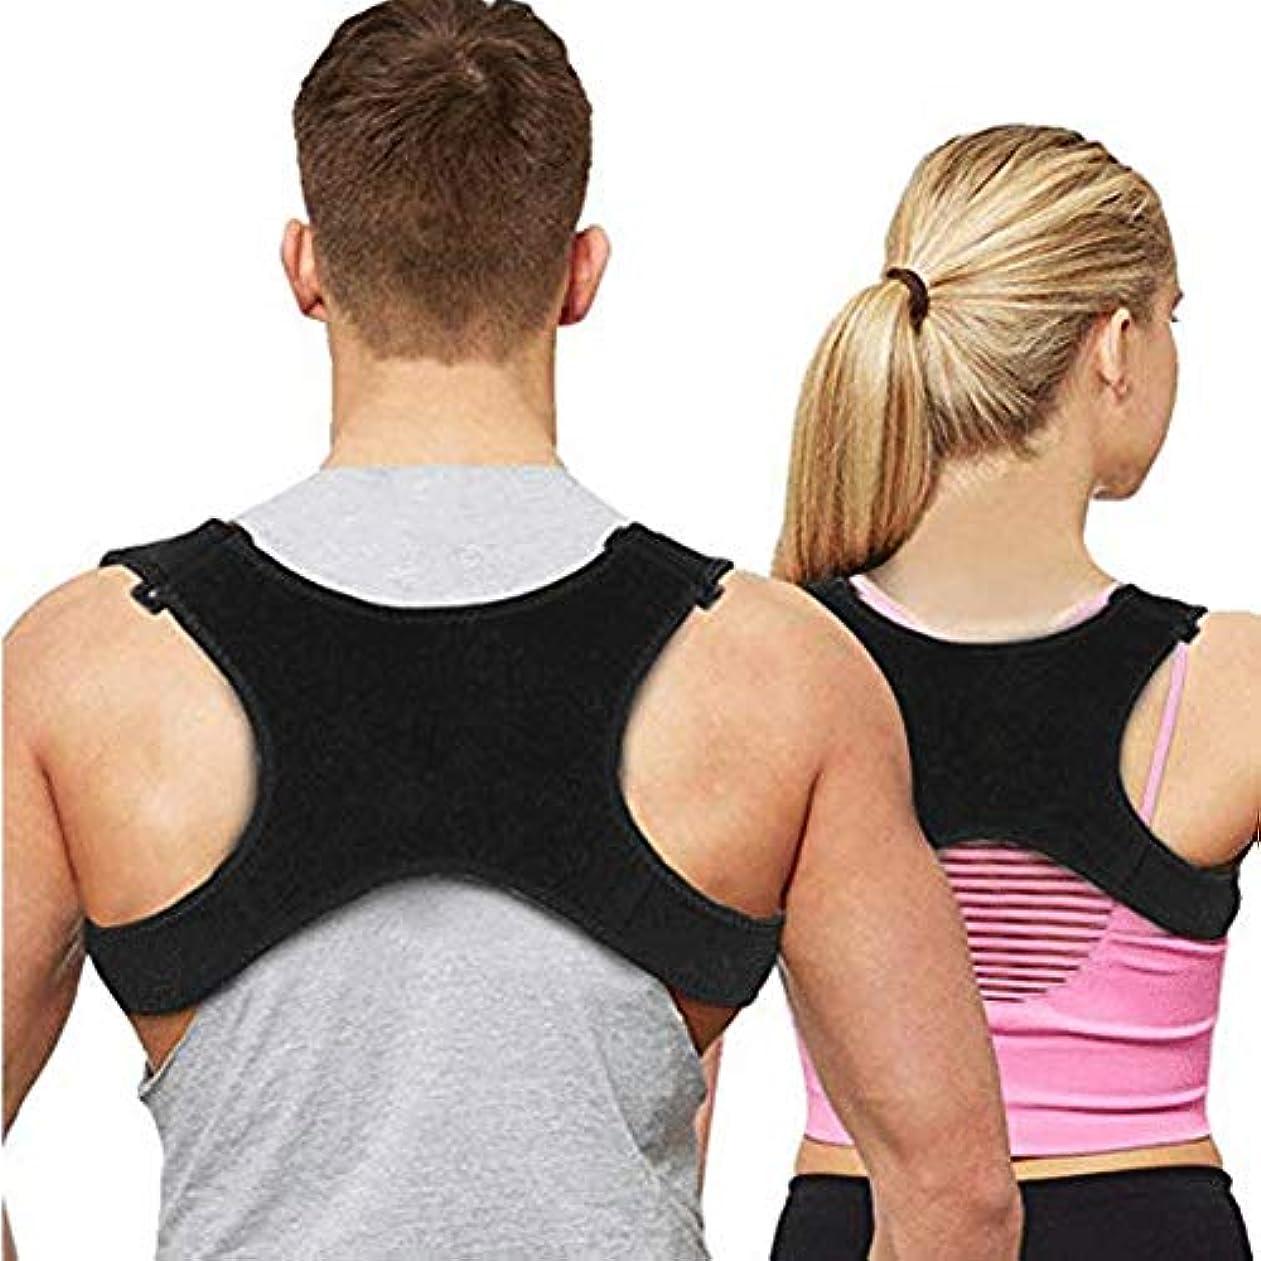 JYSD 男性と女性のための姿勢矯正装置鎖骨サポートのための上部バックブレースおよびバックネック&ショルダーからの痛みの軽減の提供